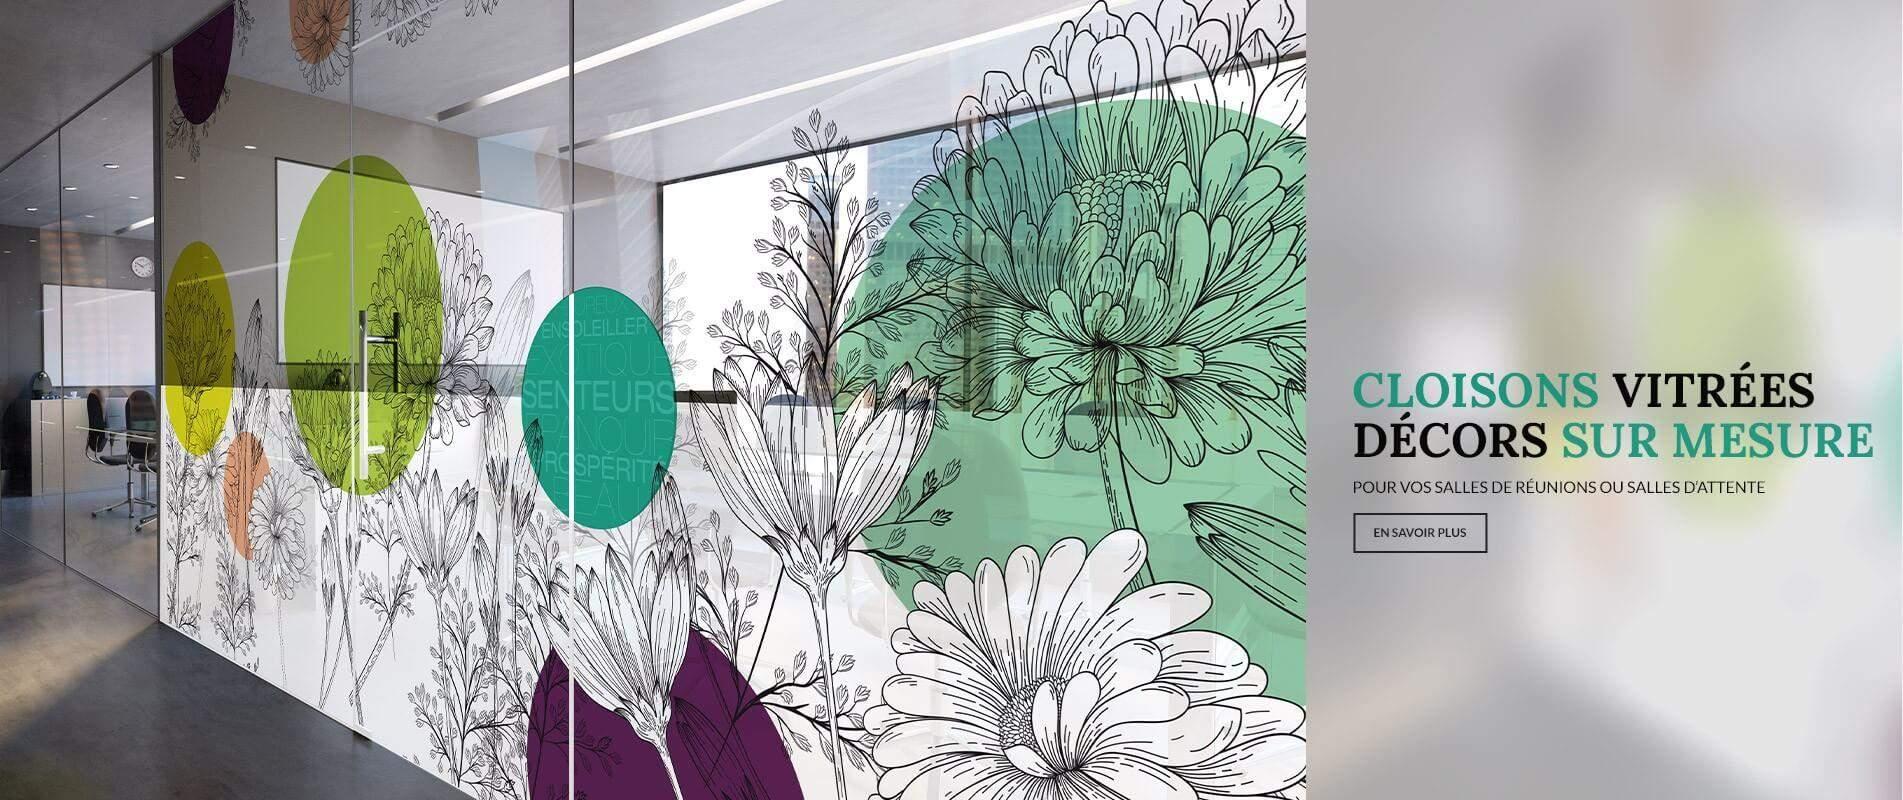 Décoration des couloirs et salles de réunions en transparence